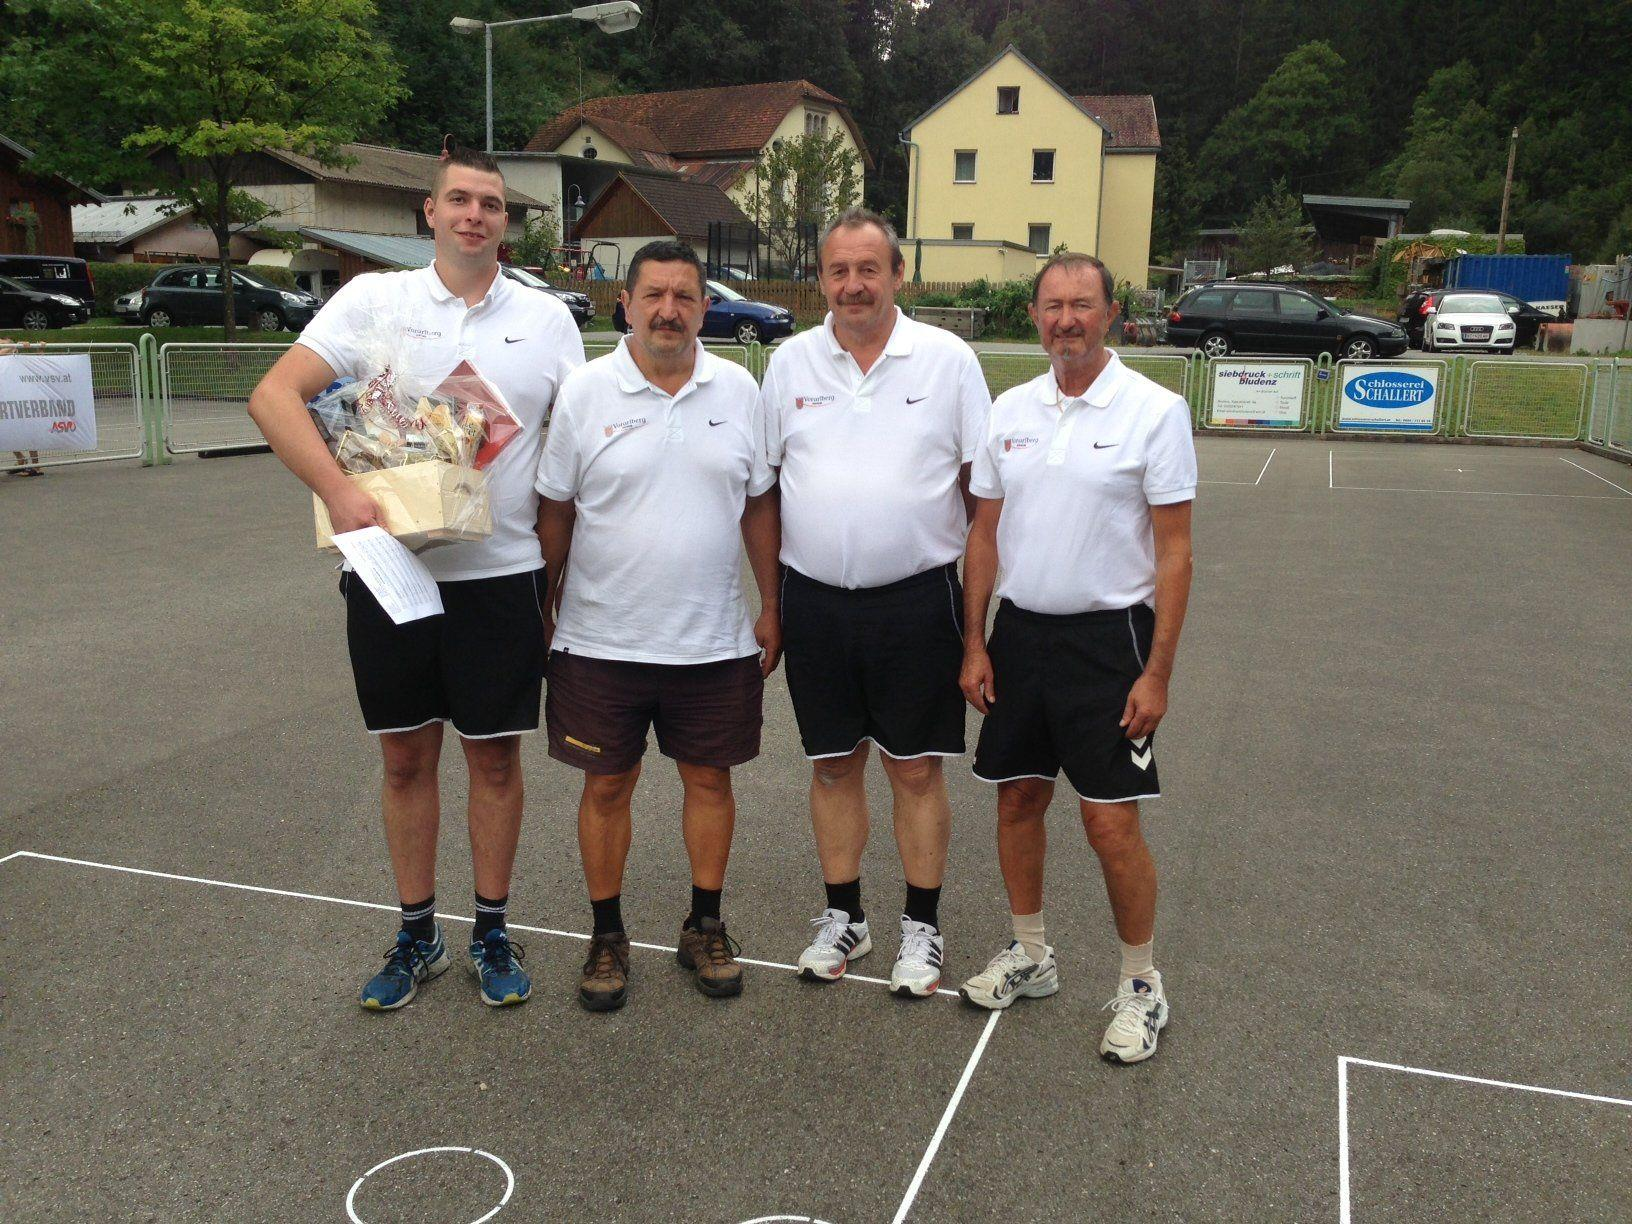 Die erfolgreichen Sportler: Patrik Plangger, Reinhard Zachari, Willi Malin und Erich Pienz